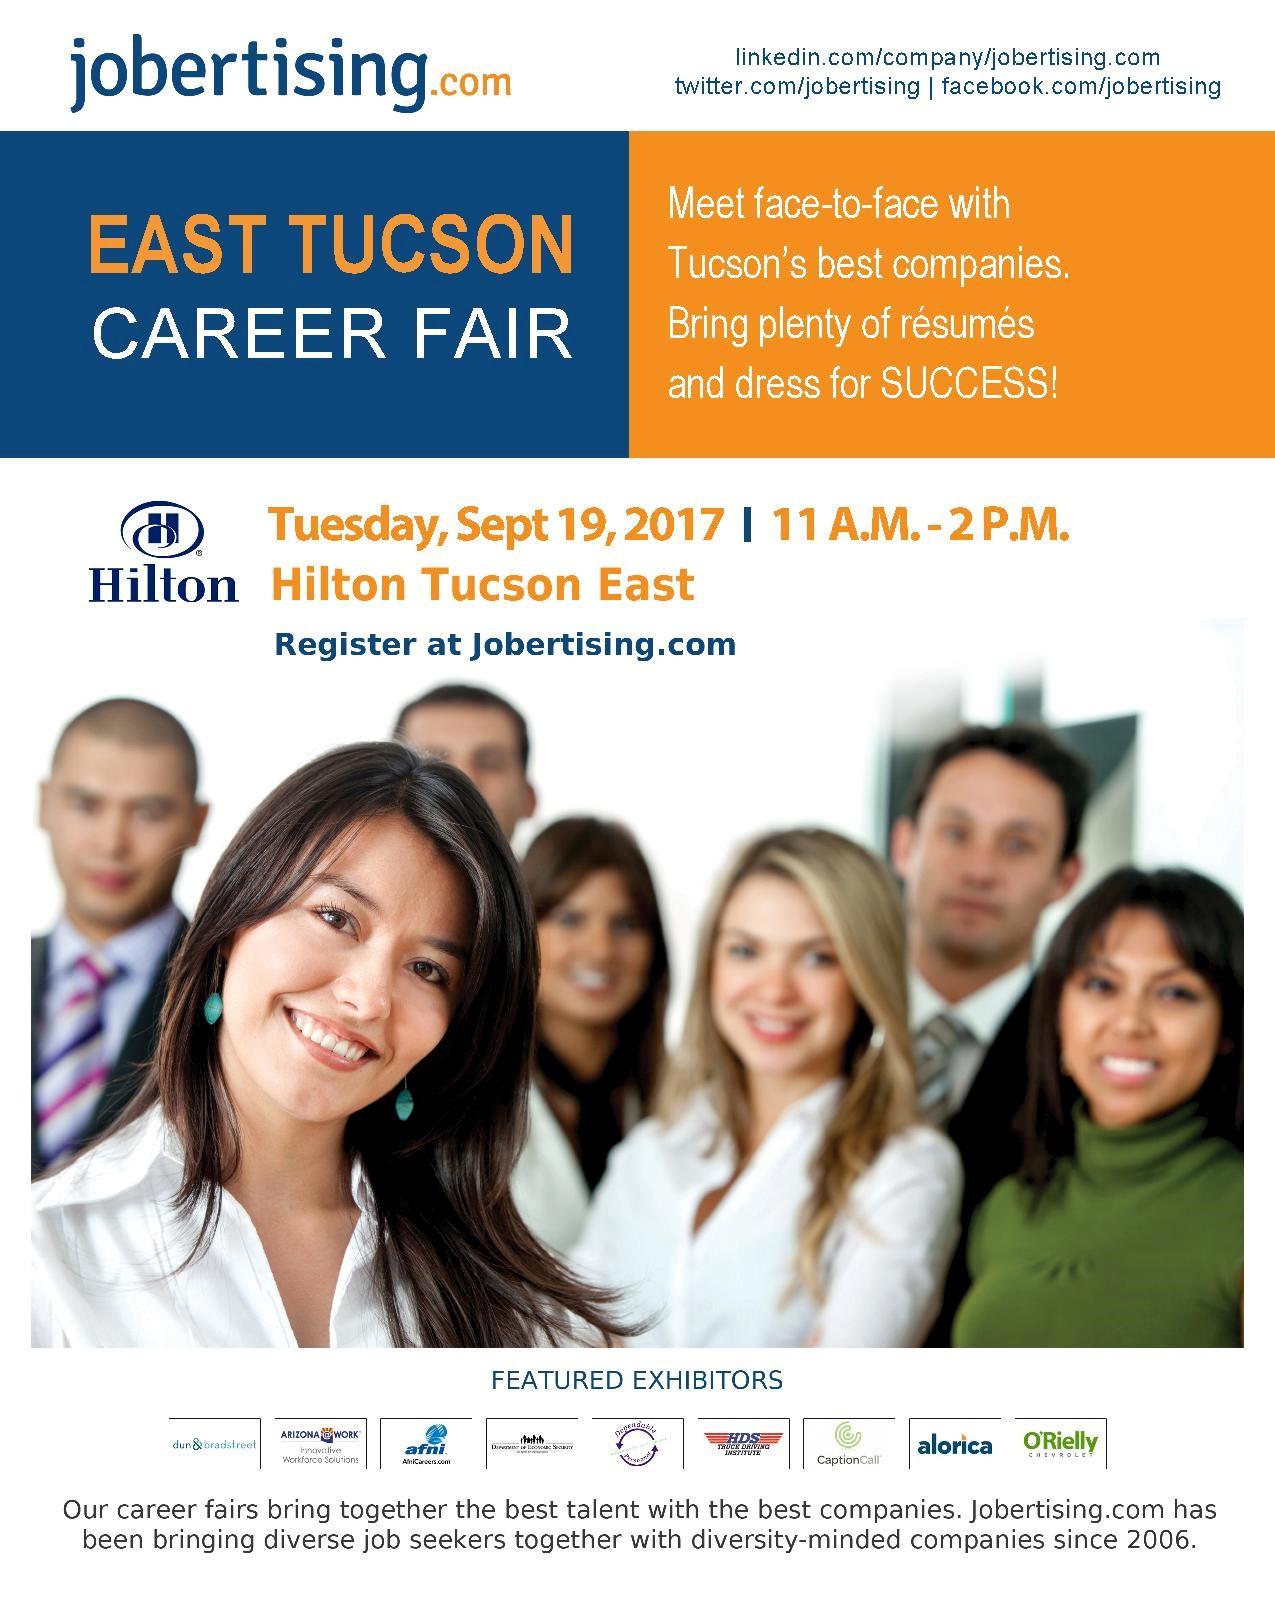 East Tucson Career Fair Tuesday September 19 2017 11am 2pm